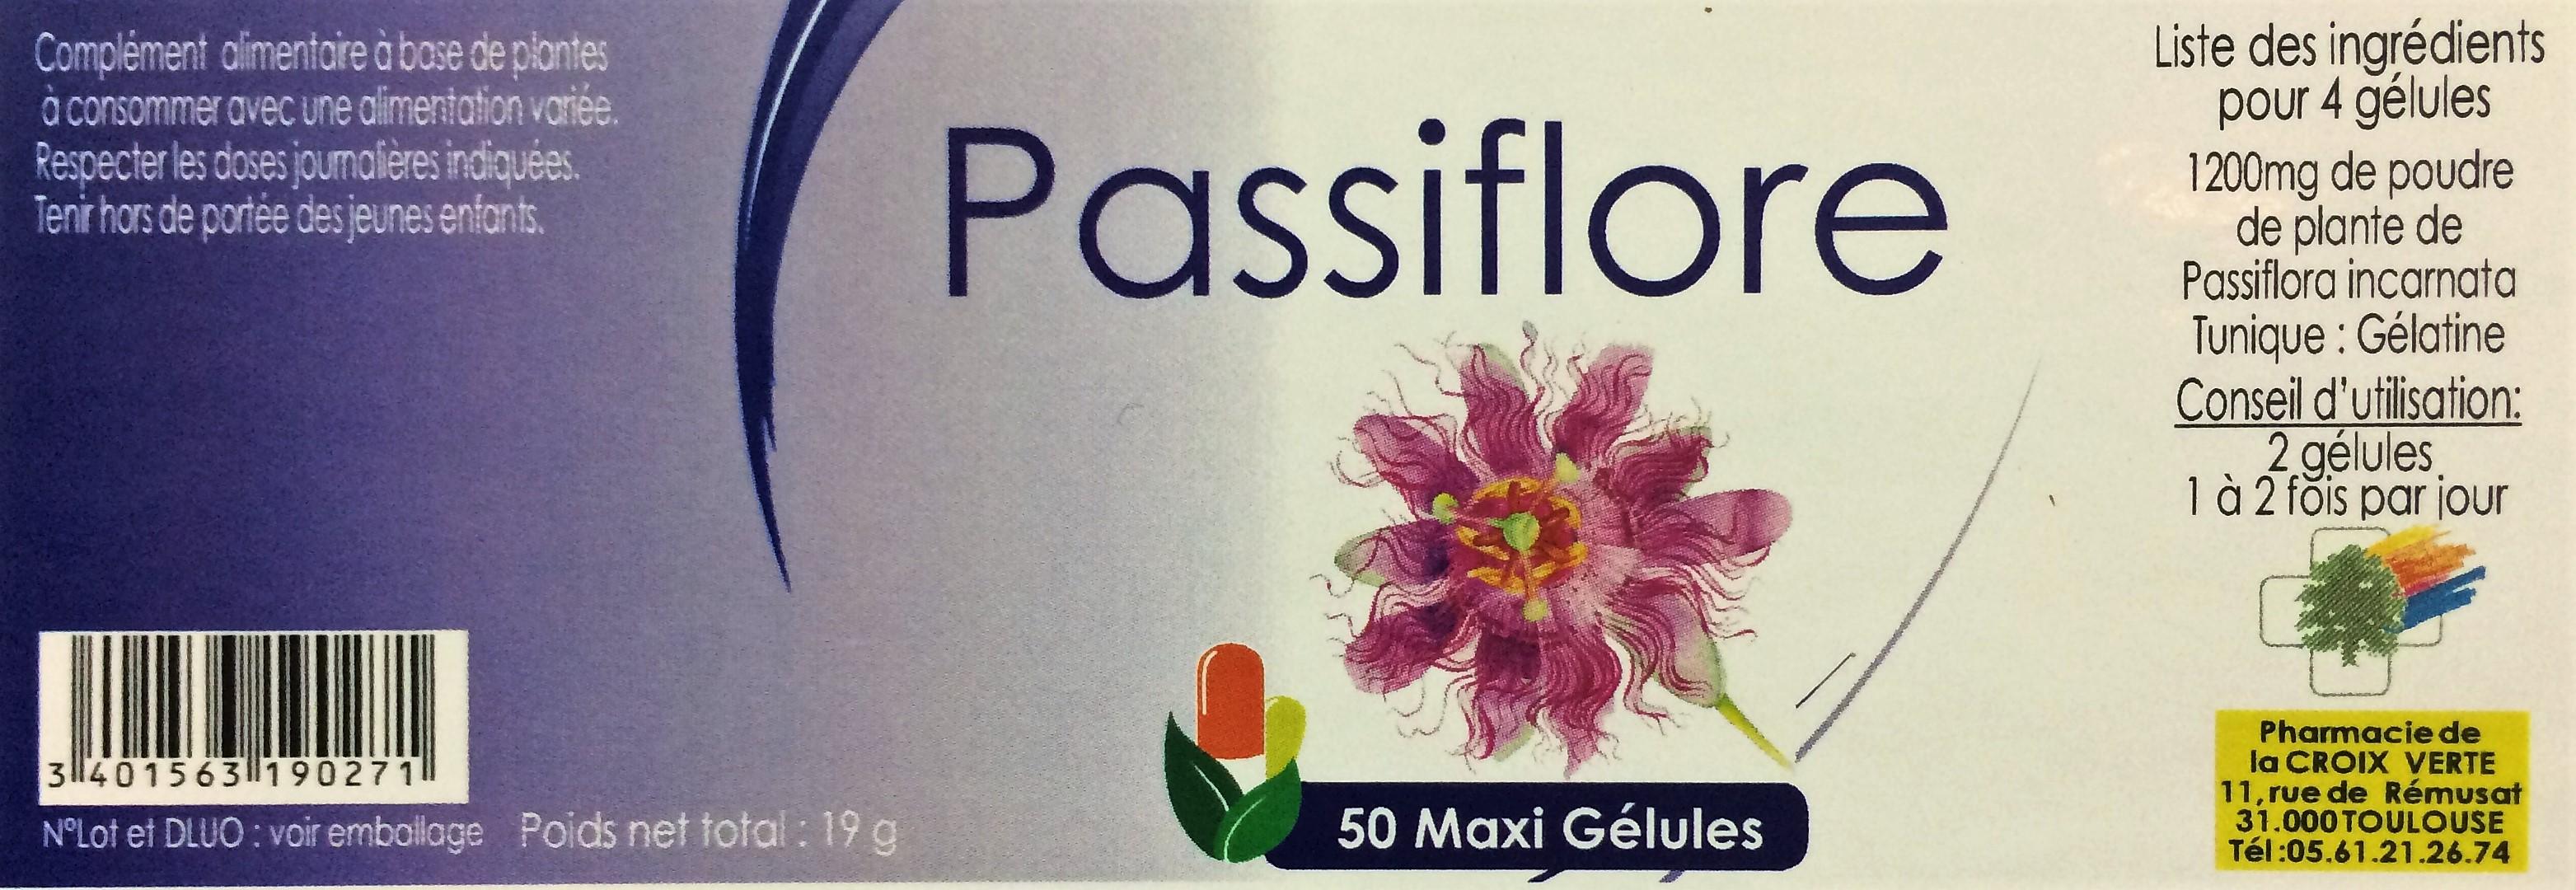 passiflore 50 gel plante pharmacie de la croix verte herboristerie toulouse. Black Bedroom Furniture Sets. Home Design Ideas